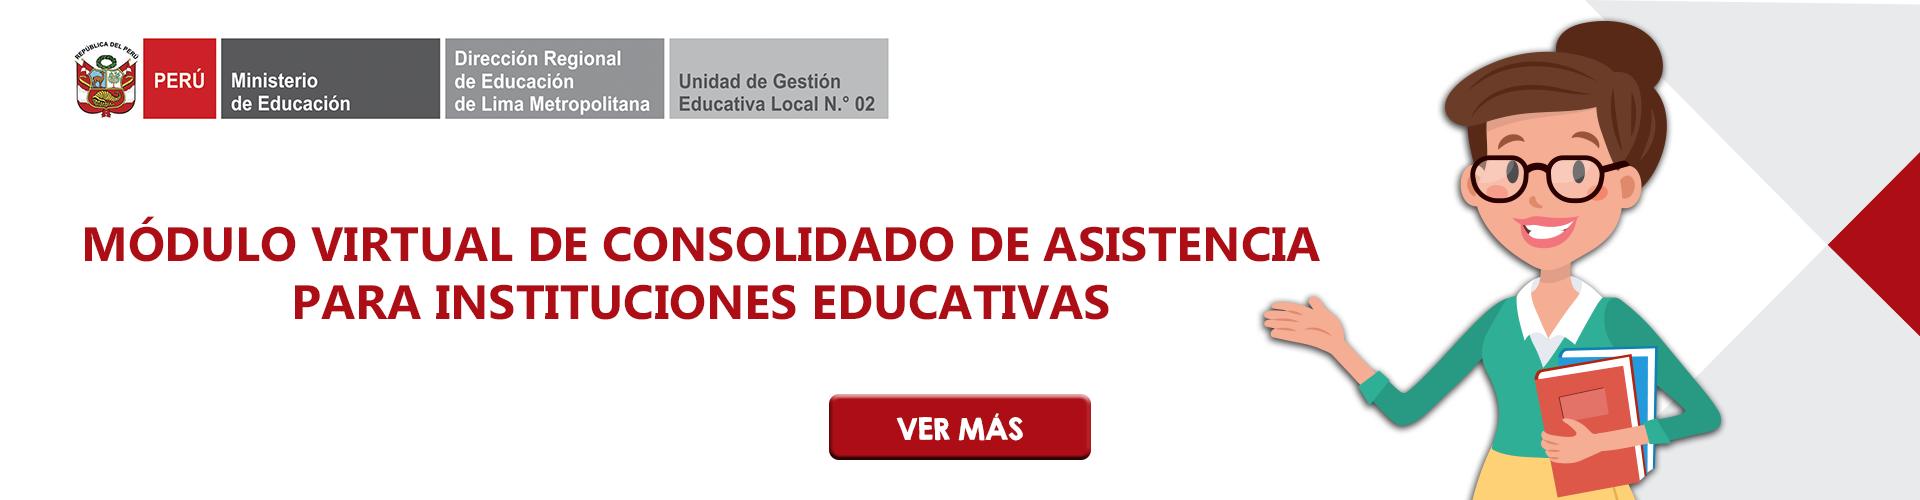 Ugel 02 Unidad De Gestión Educativa Local 02